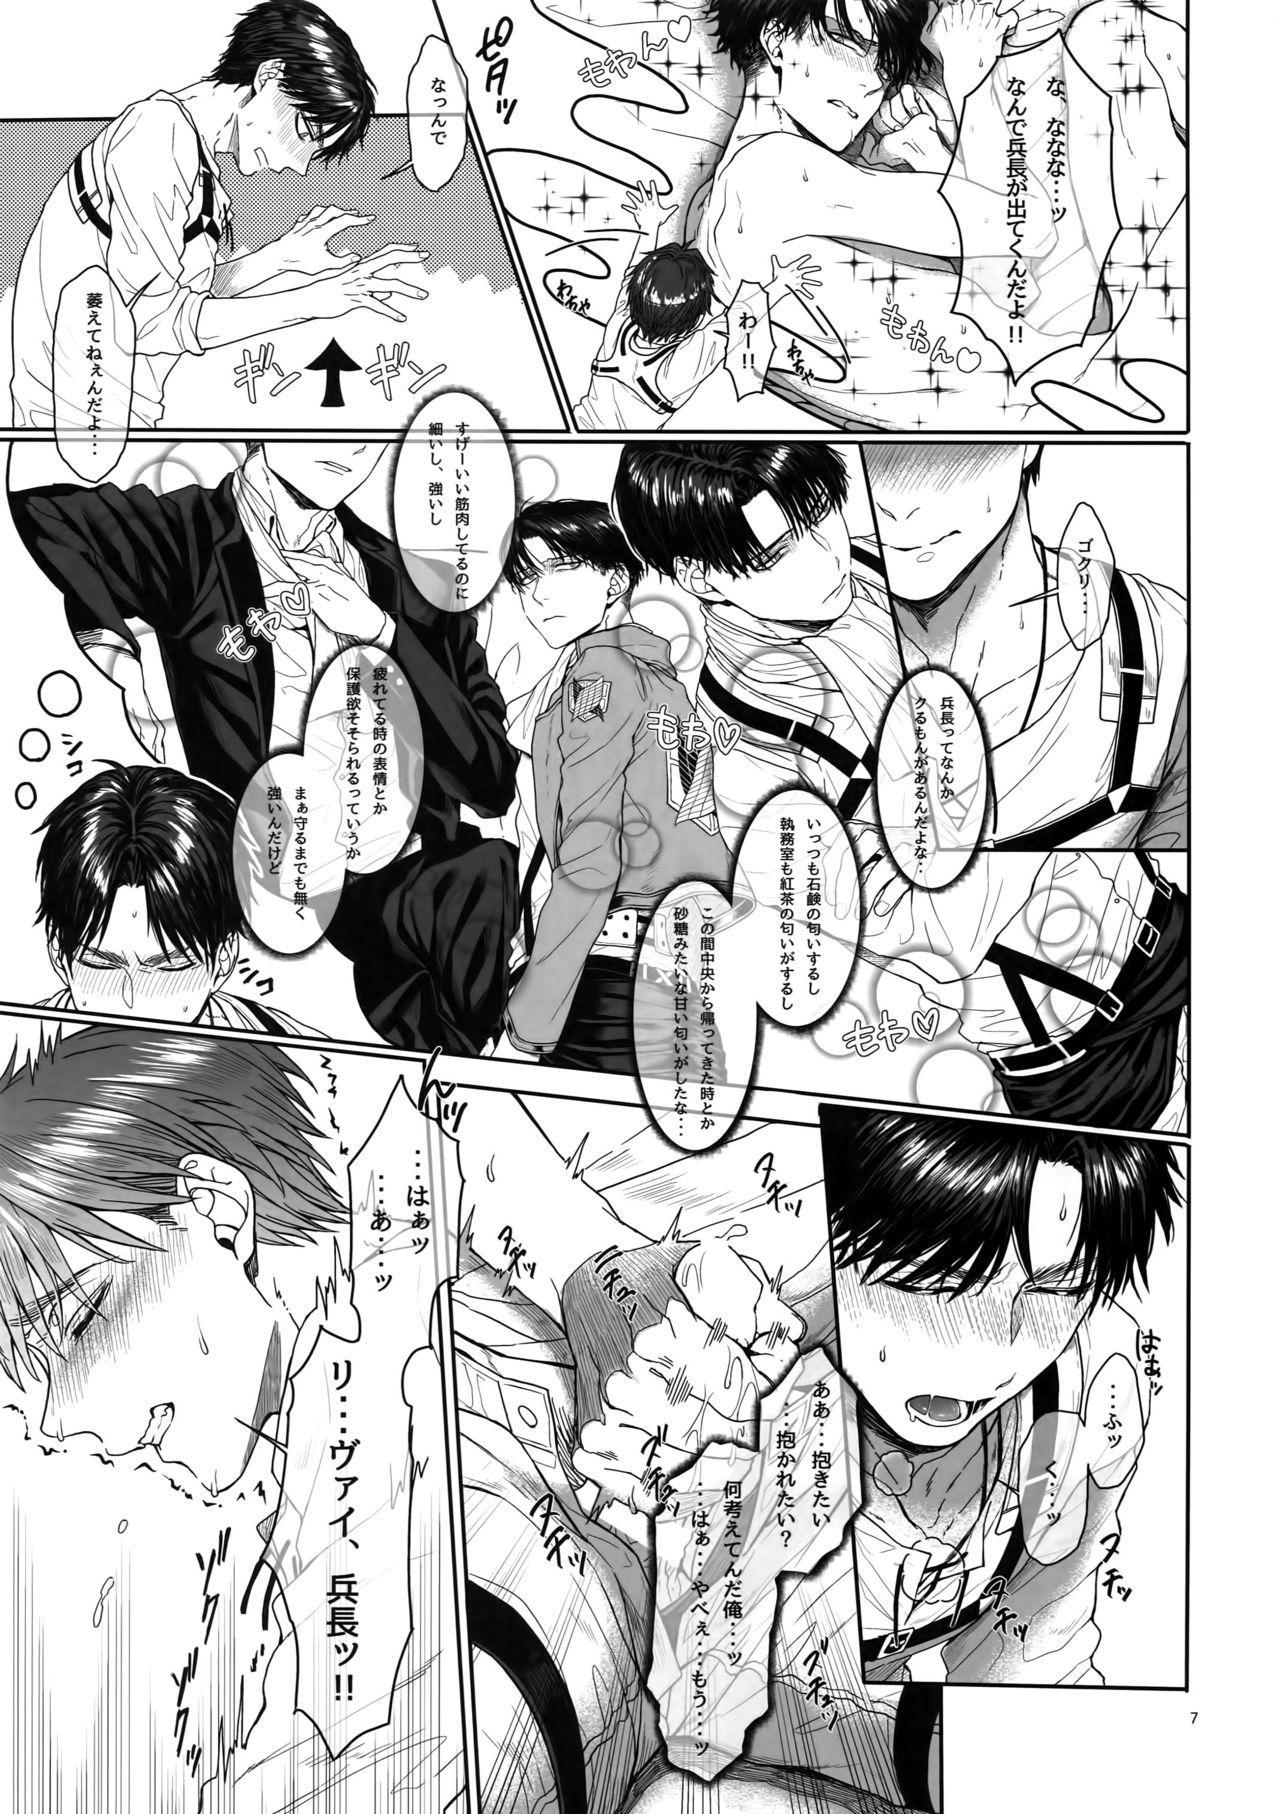 Gozen X-ji, Shitsumushitsu nite 5